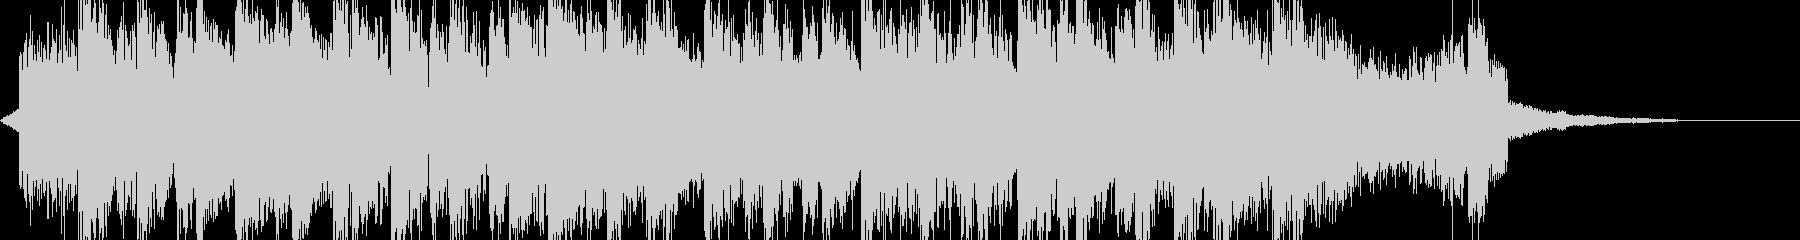 コミカルなドラムンベースの未再生の波形